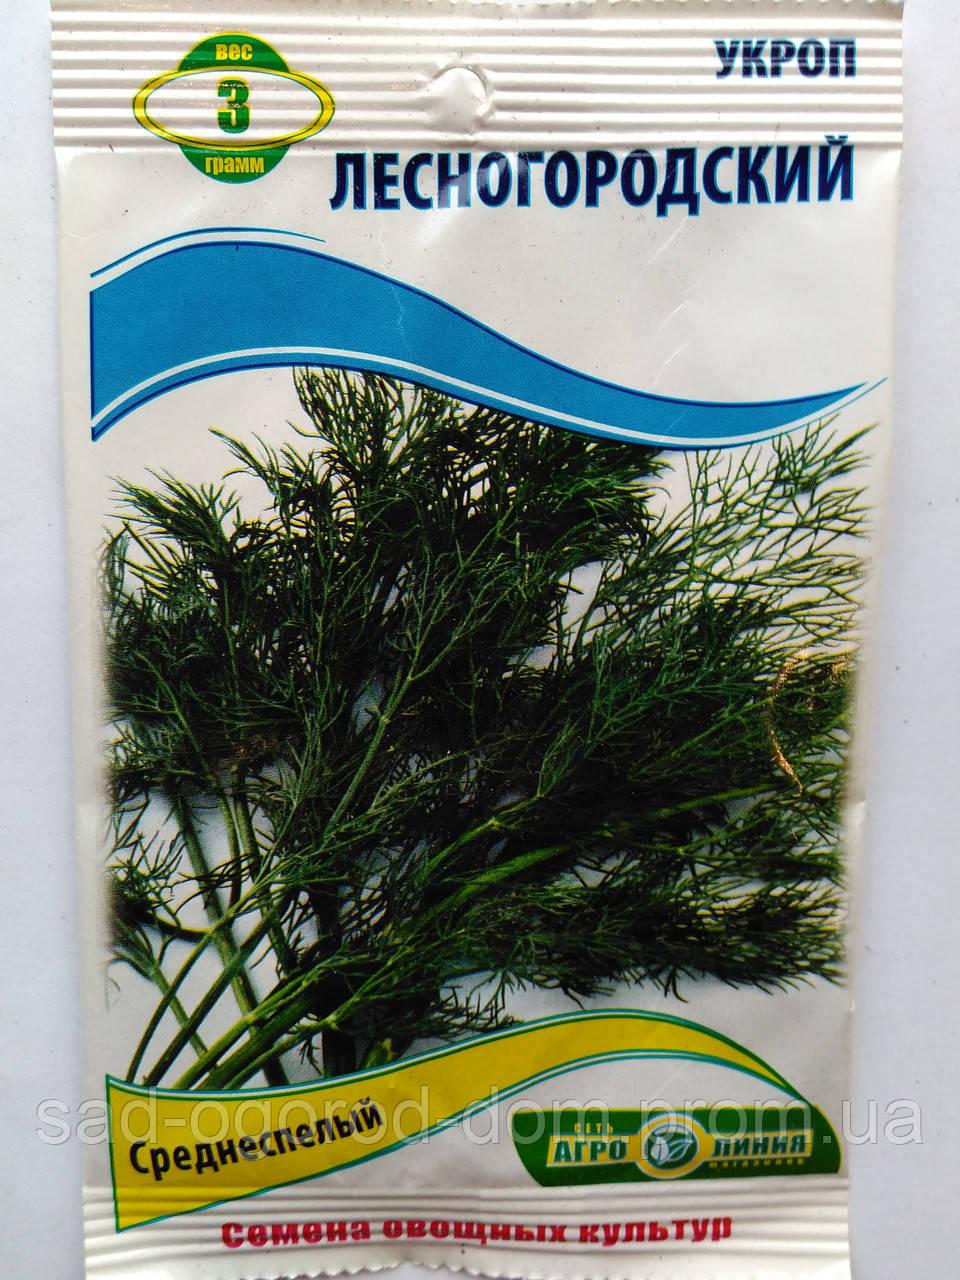 Укроп лесногородский 3г